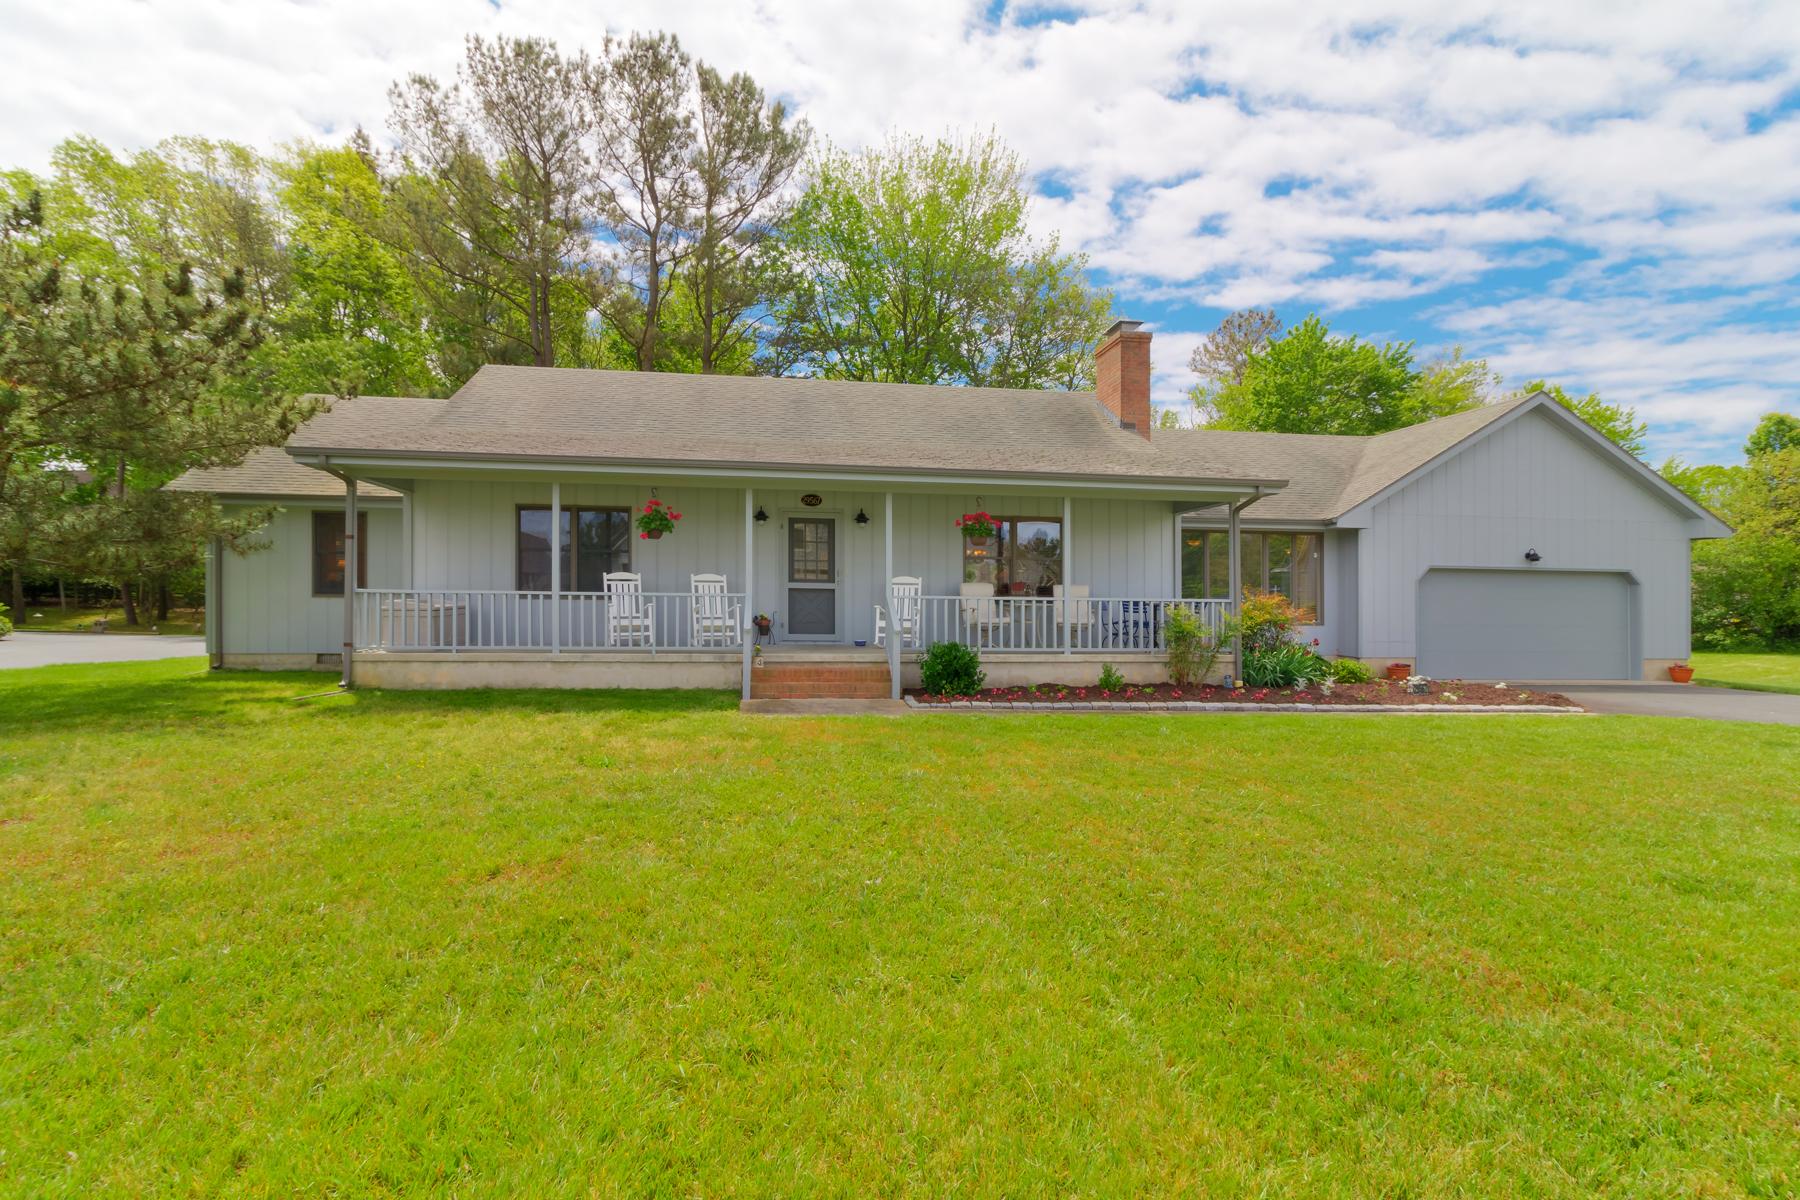 Частный односемейный дом для того Продажа на 29567 Colony Dr , Dagsboro, DE 19939 29567 Colony Dr Dagsboro, 19939 Соединенные Штаты